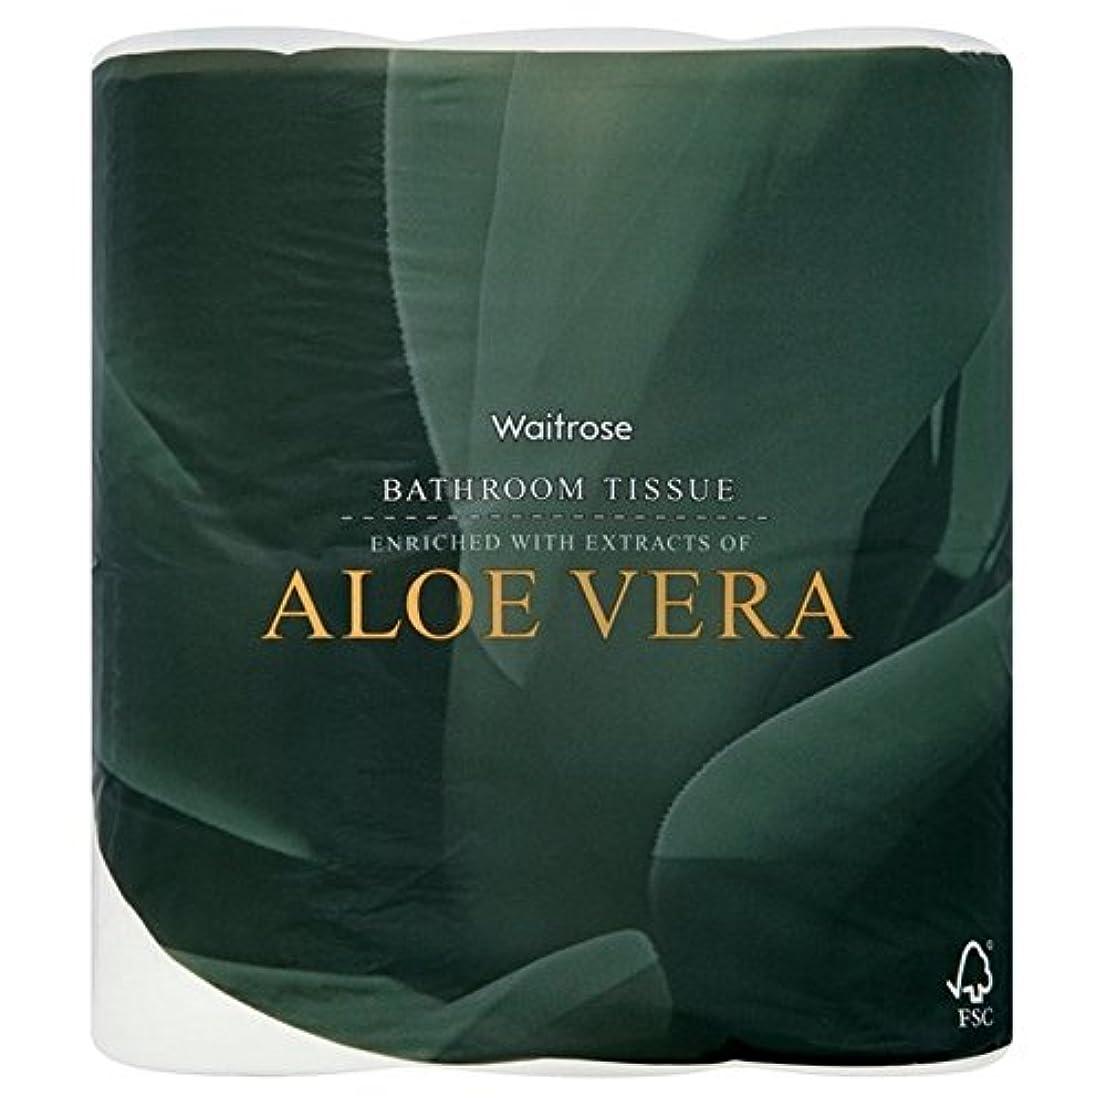 群衆読書をする悪質なパックあたりアロエベラ浴室組織白ウェイトローズ4 x4 - Aloe Vera Bathroom Tissue White Waitrose 4 per pack (Pack of 4) [並行輸入品]